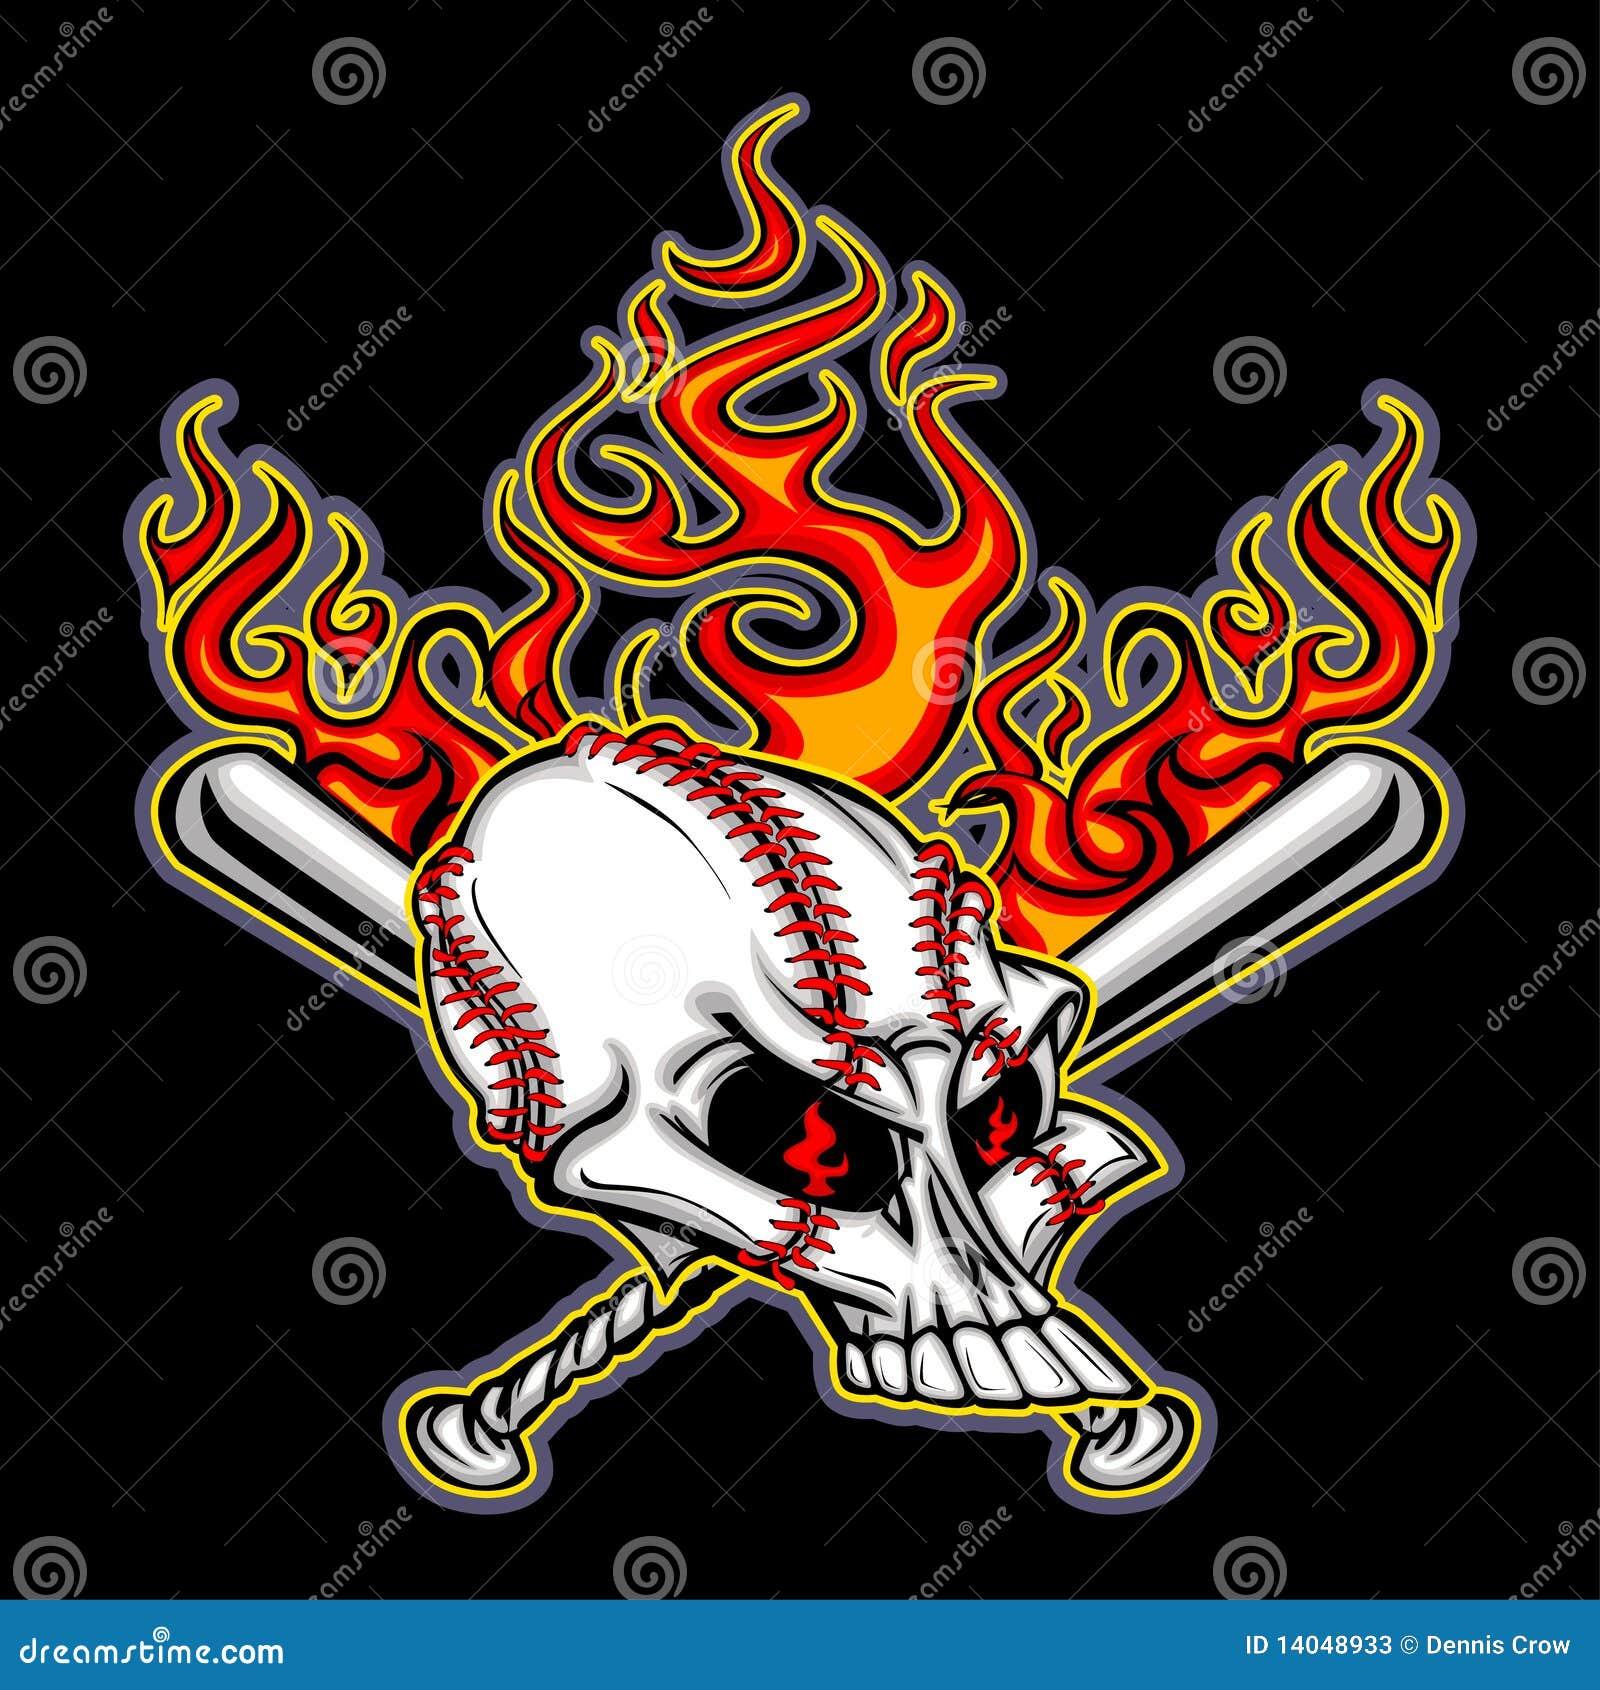 Baseball Skull with Flaming Bats Vector